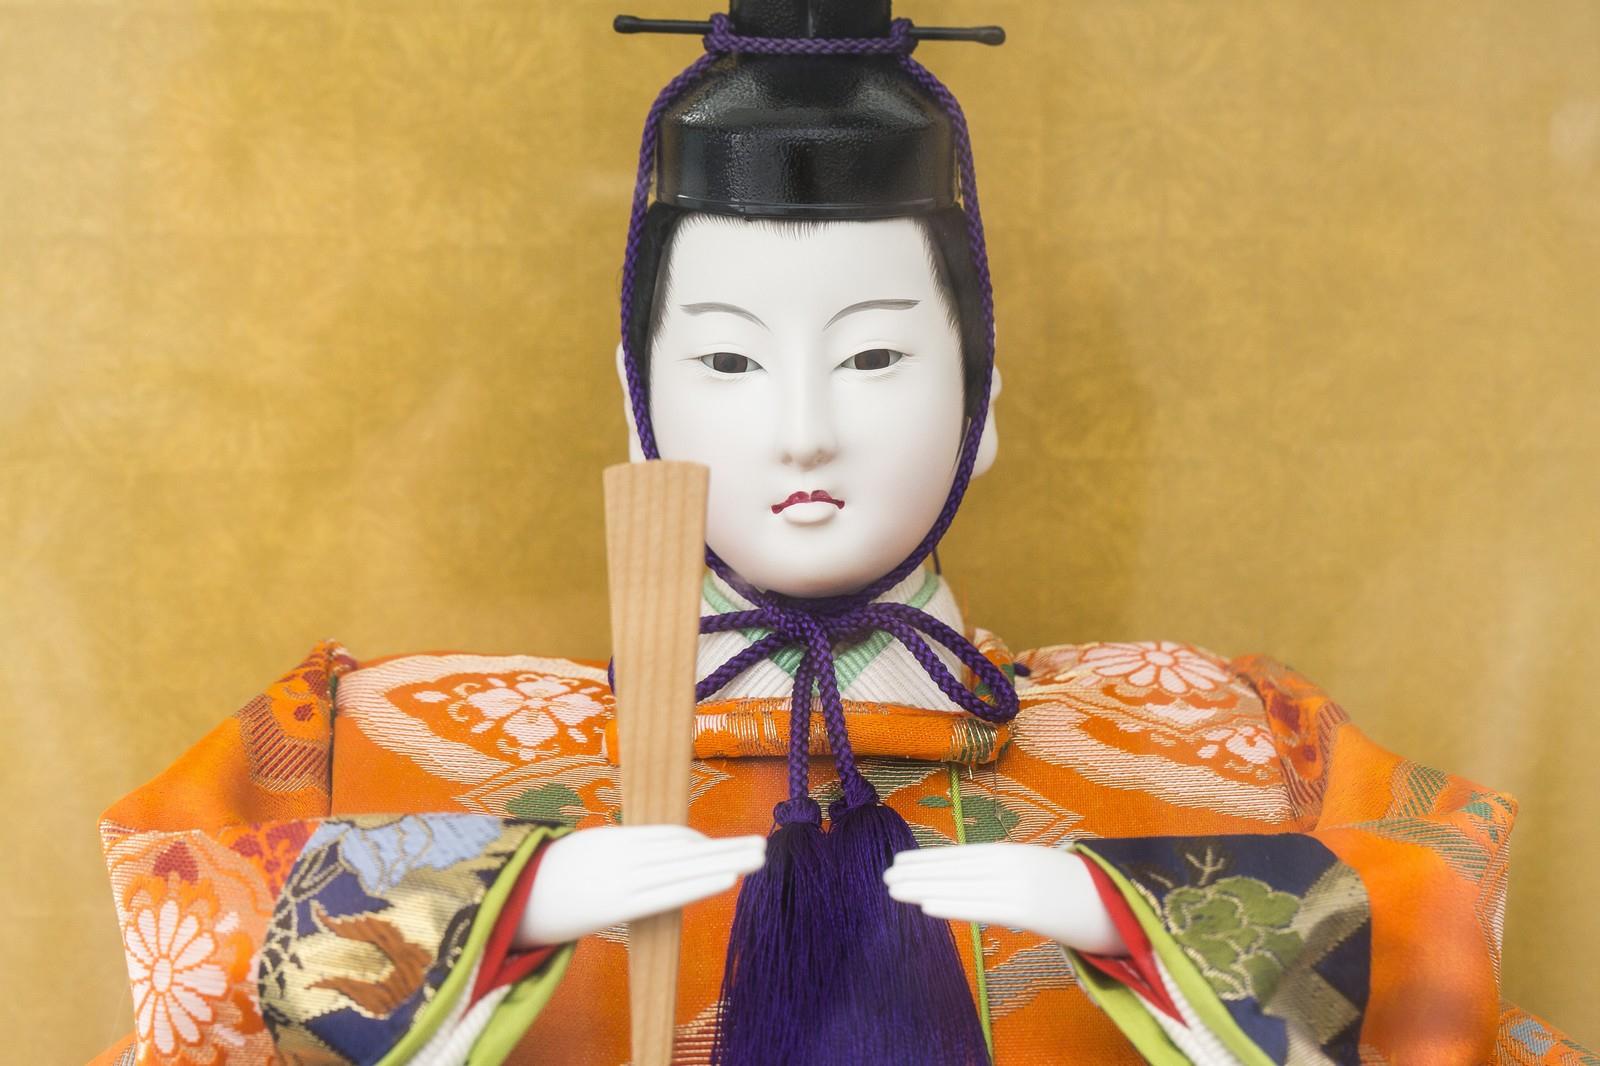 夢で見た日本人形を運ぶお婆さん!不思議な怪奇夢